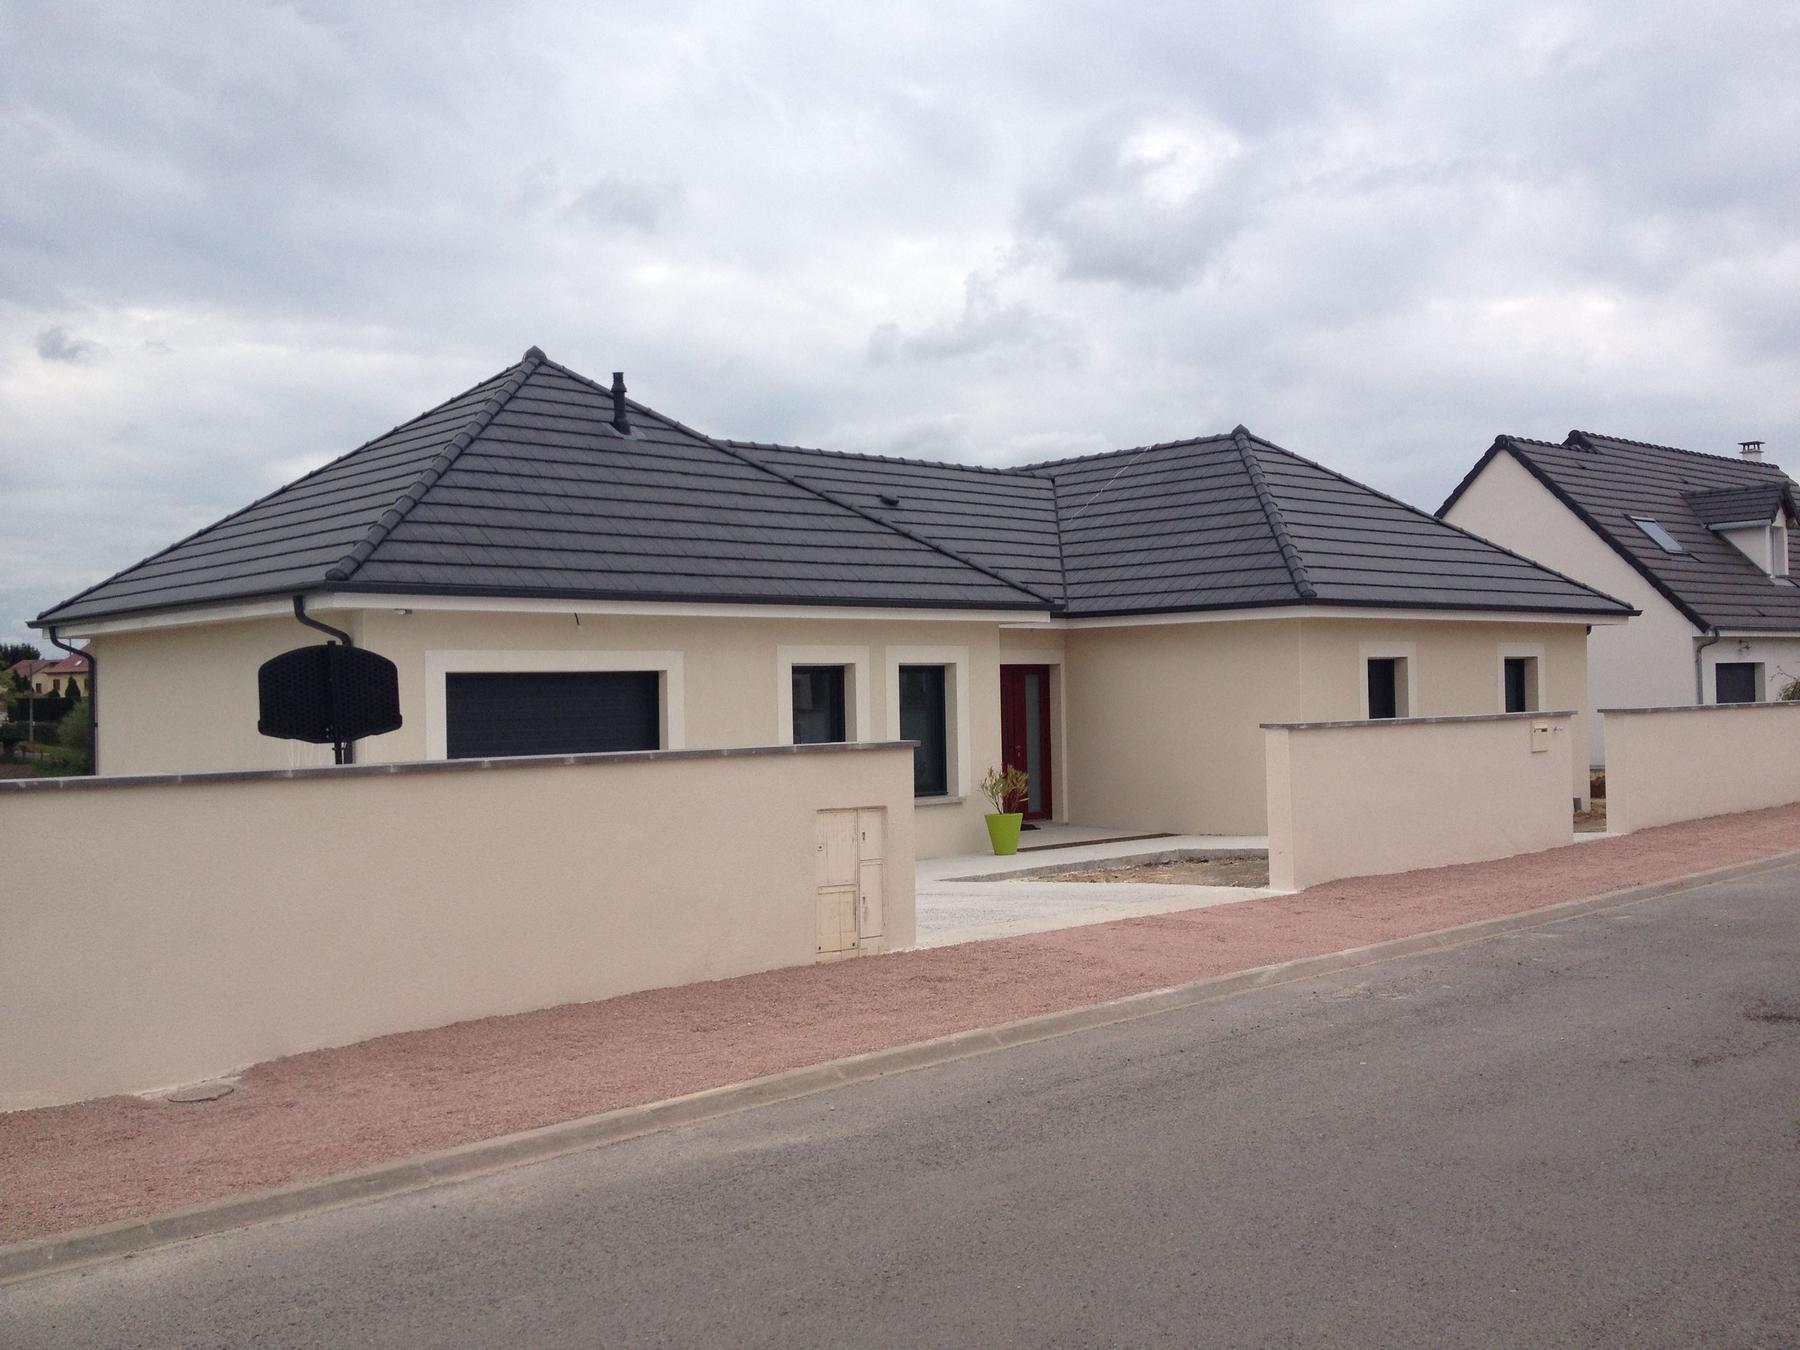 Maison 3 chambres dompierre sur besbre 03 construire for Prix construction maison 3 chambres